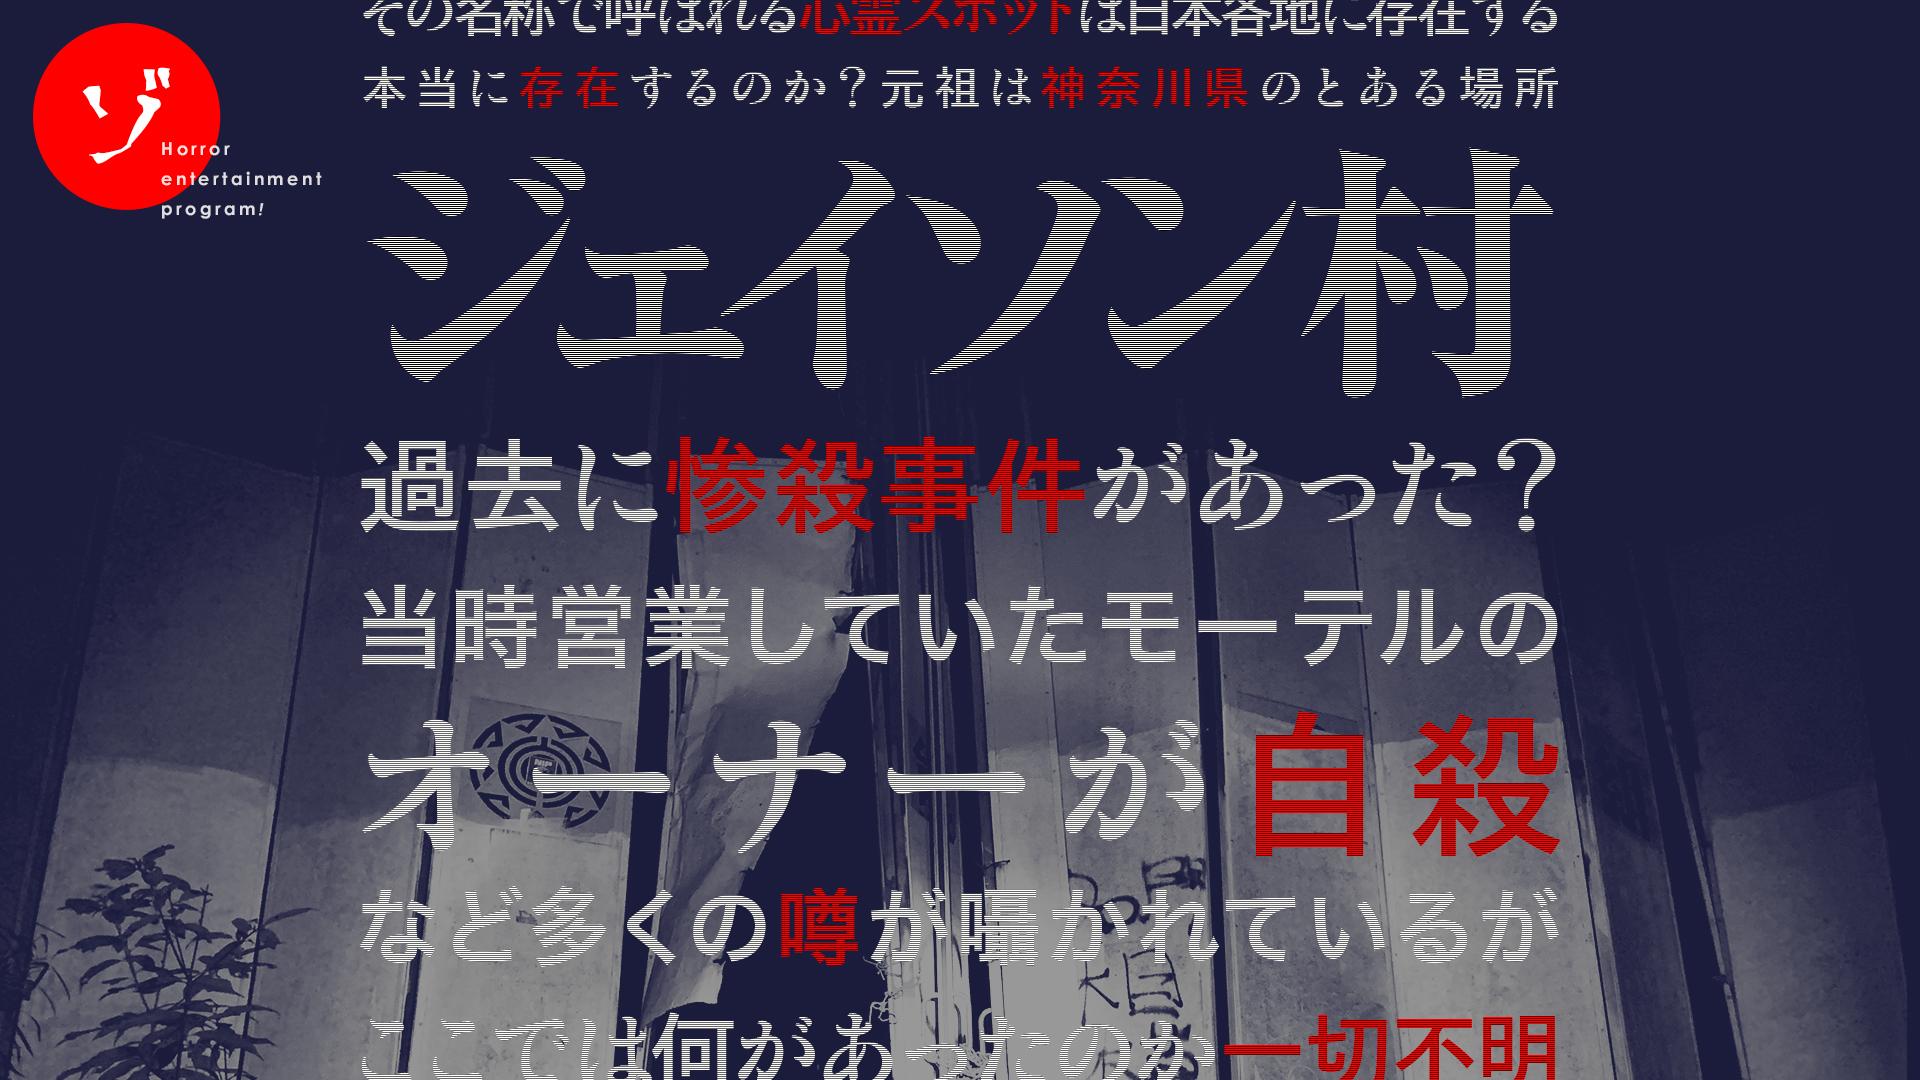 ゾゾゾ最新作「ジェイソン村スペシャル」3/15(金)に配信!サムネイル解禁!